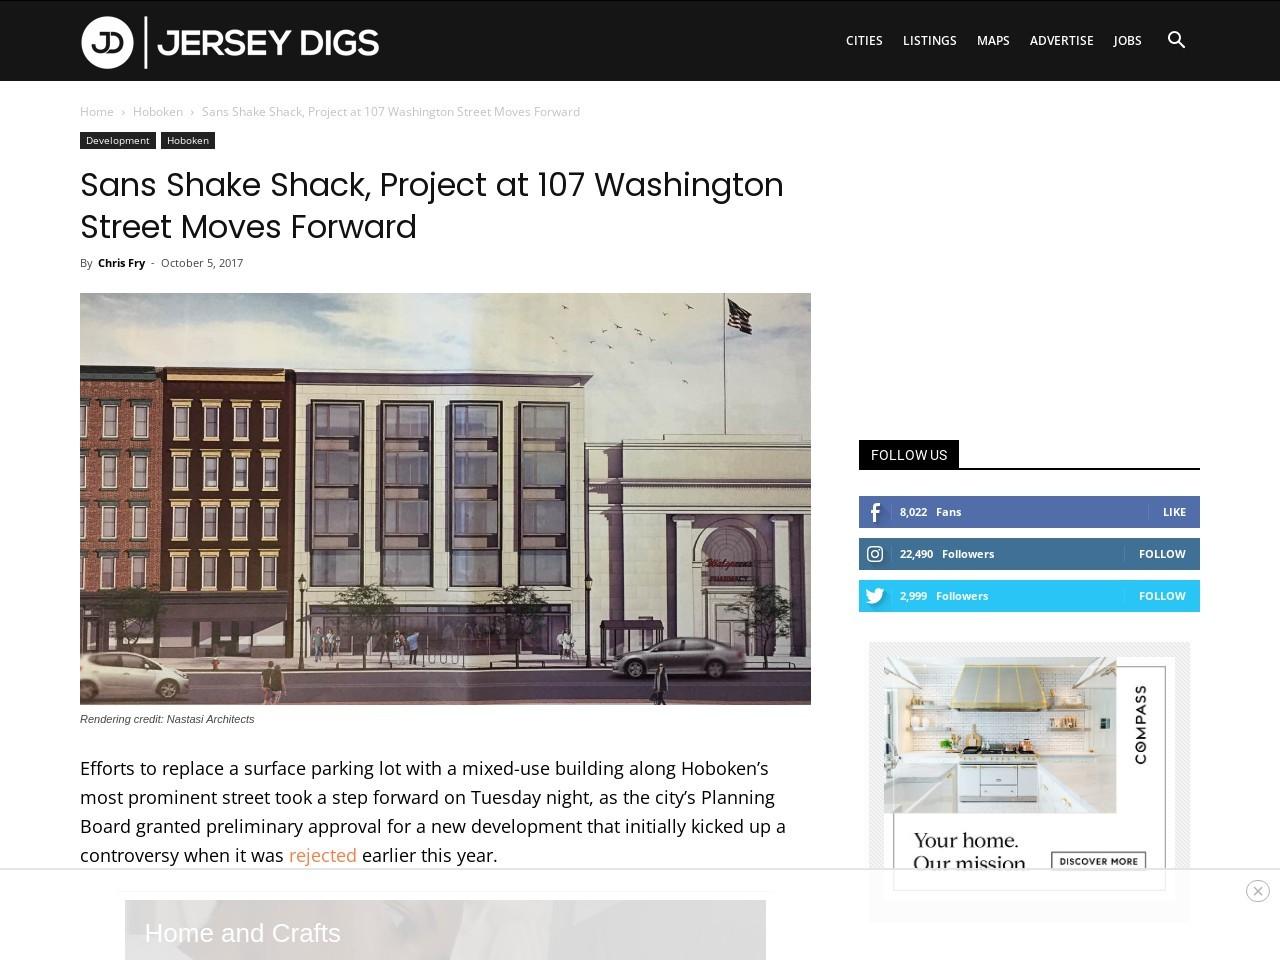 Sans Shake Shack, Project at 107 Washington Street Moves Forward